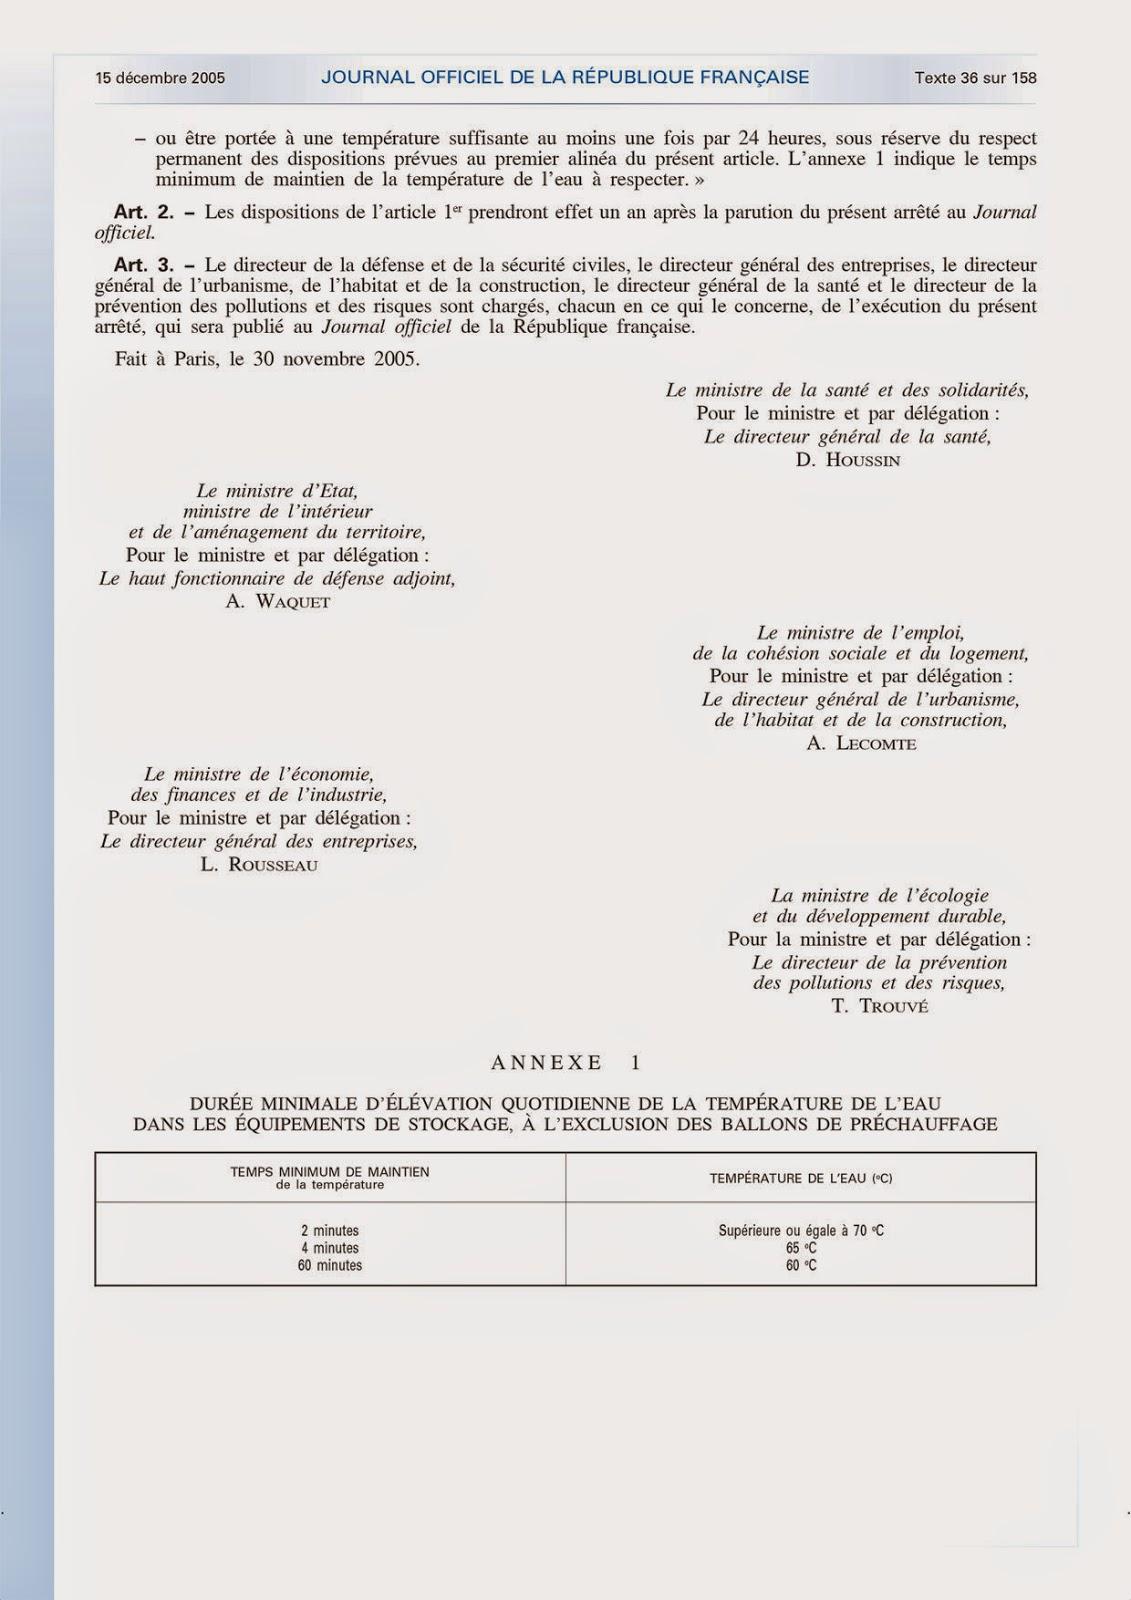 ECS arrêté du 30 novembre 2005 / 2